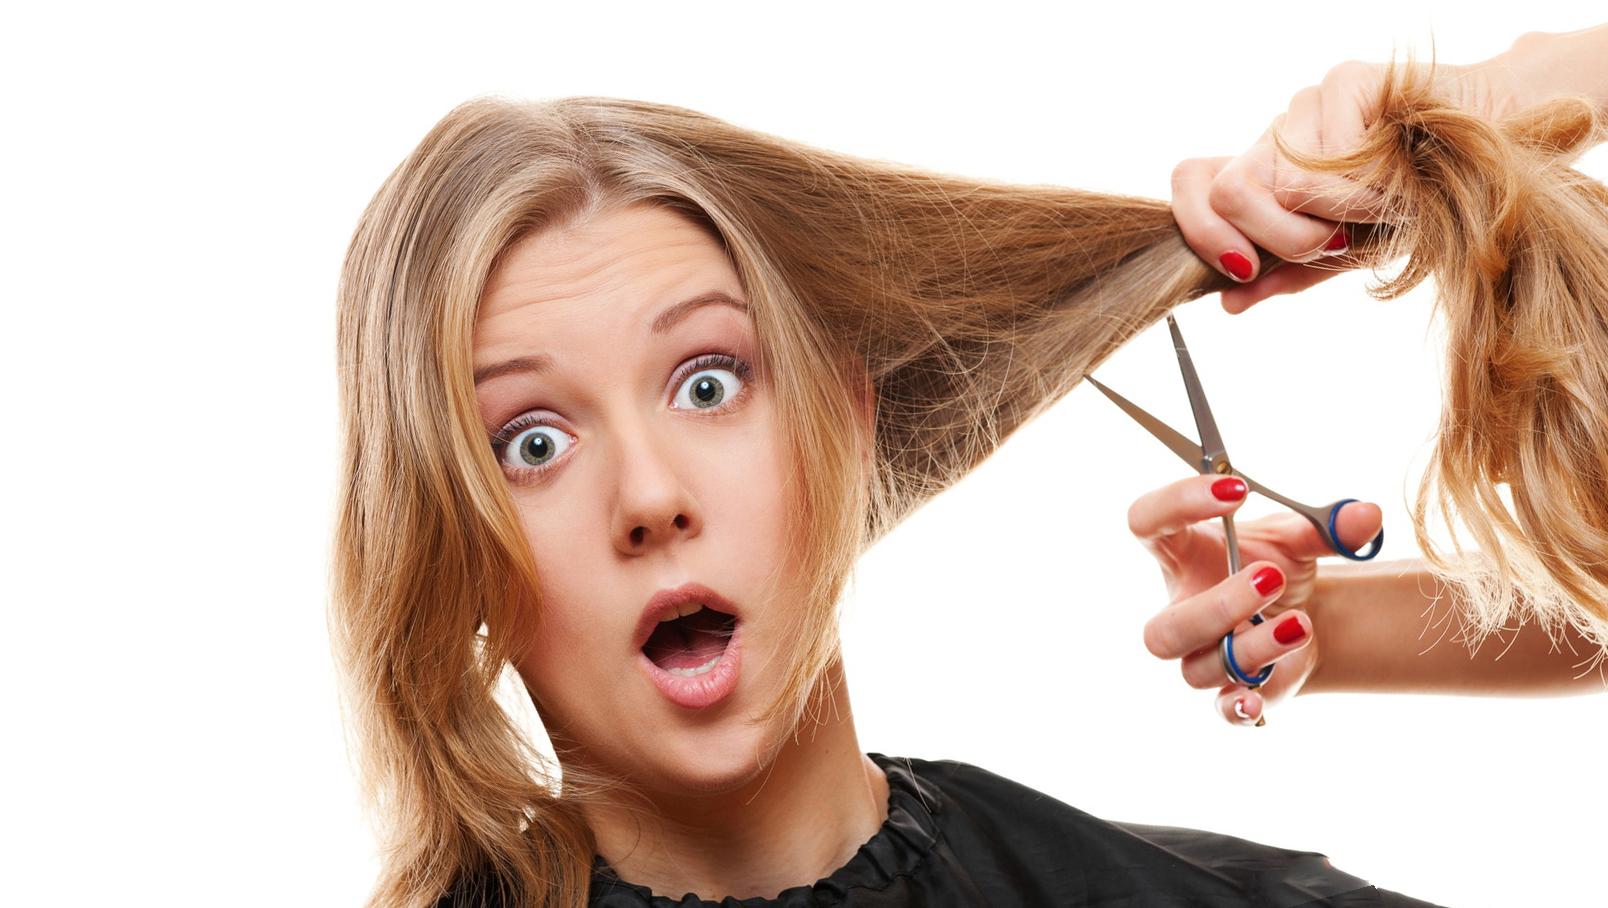 Интересно, что во сне стричь волосы разными сонниками толкуется совершенно по-разному.